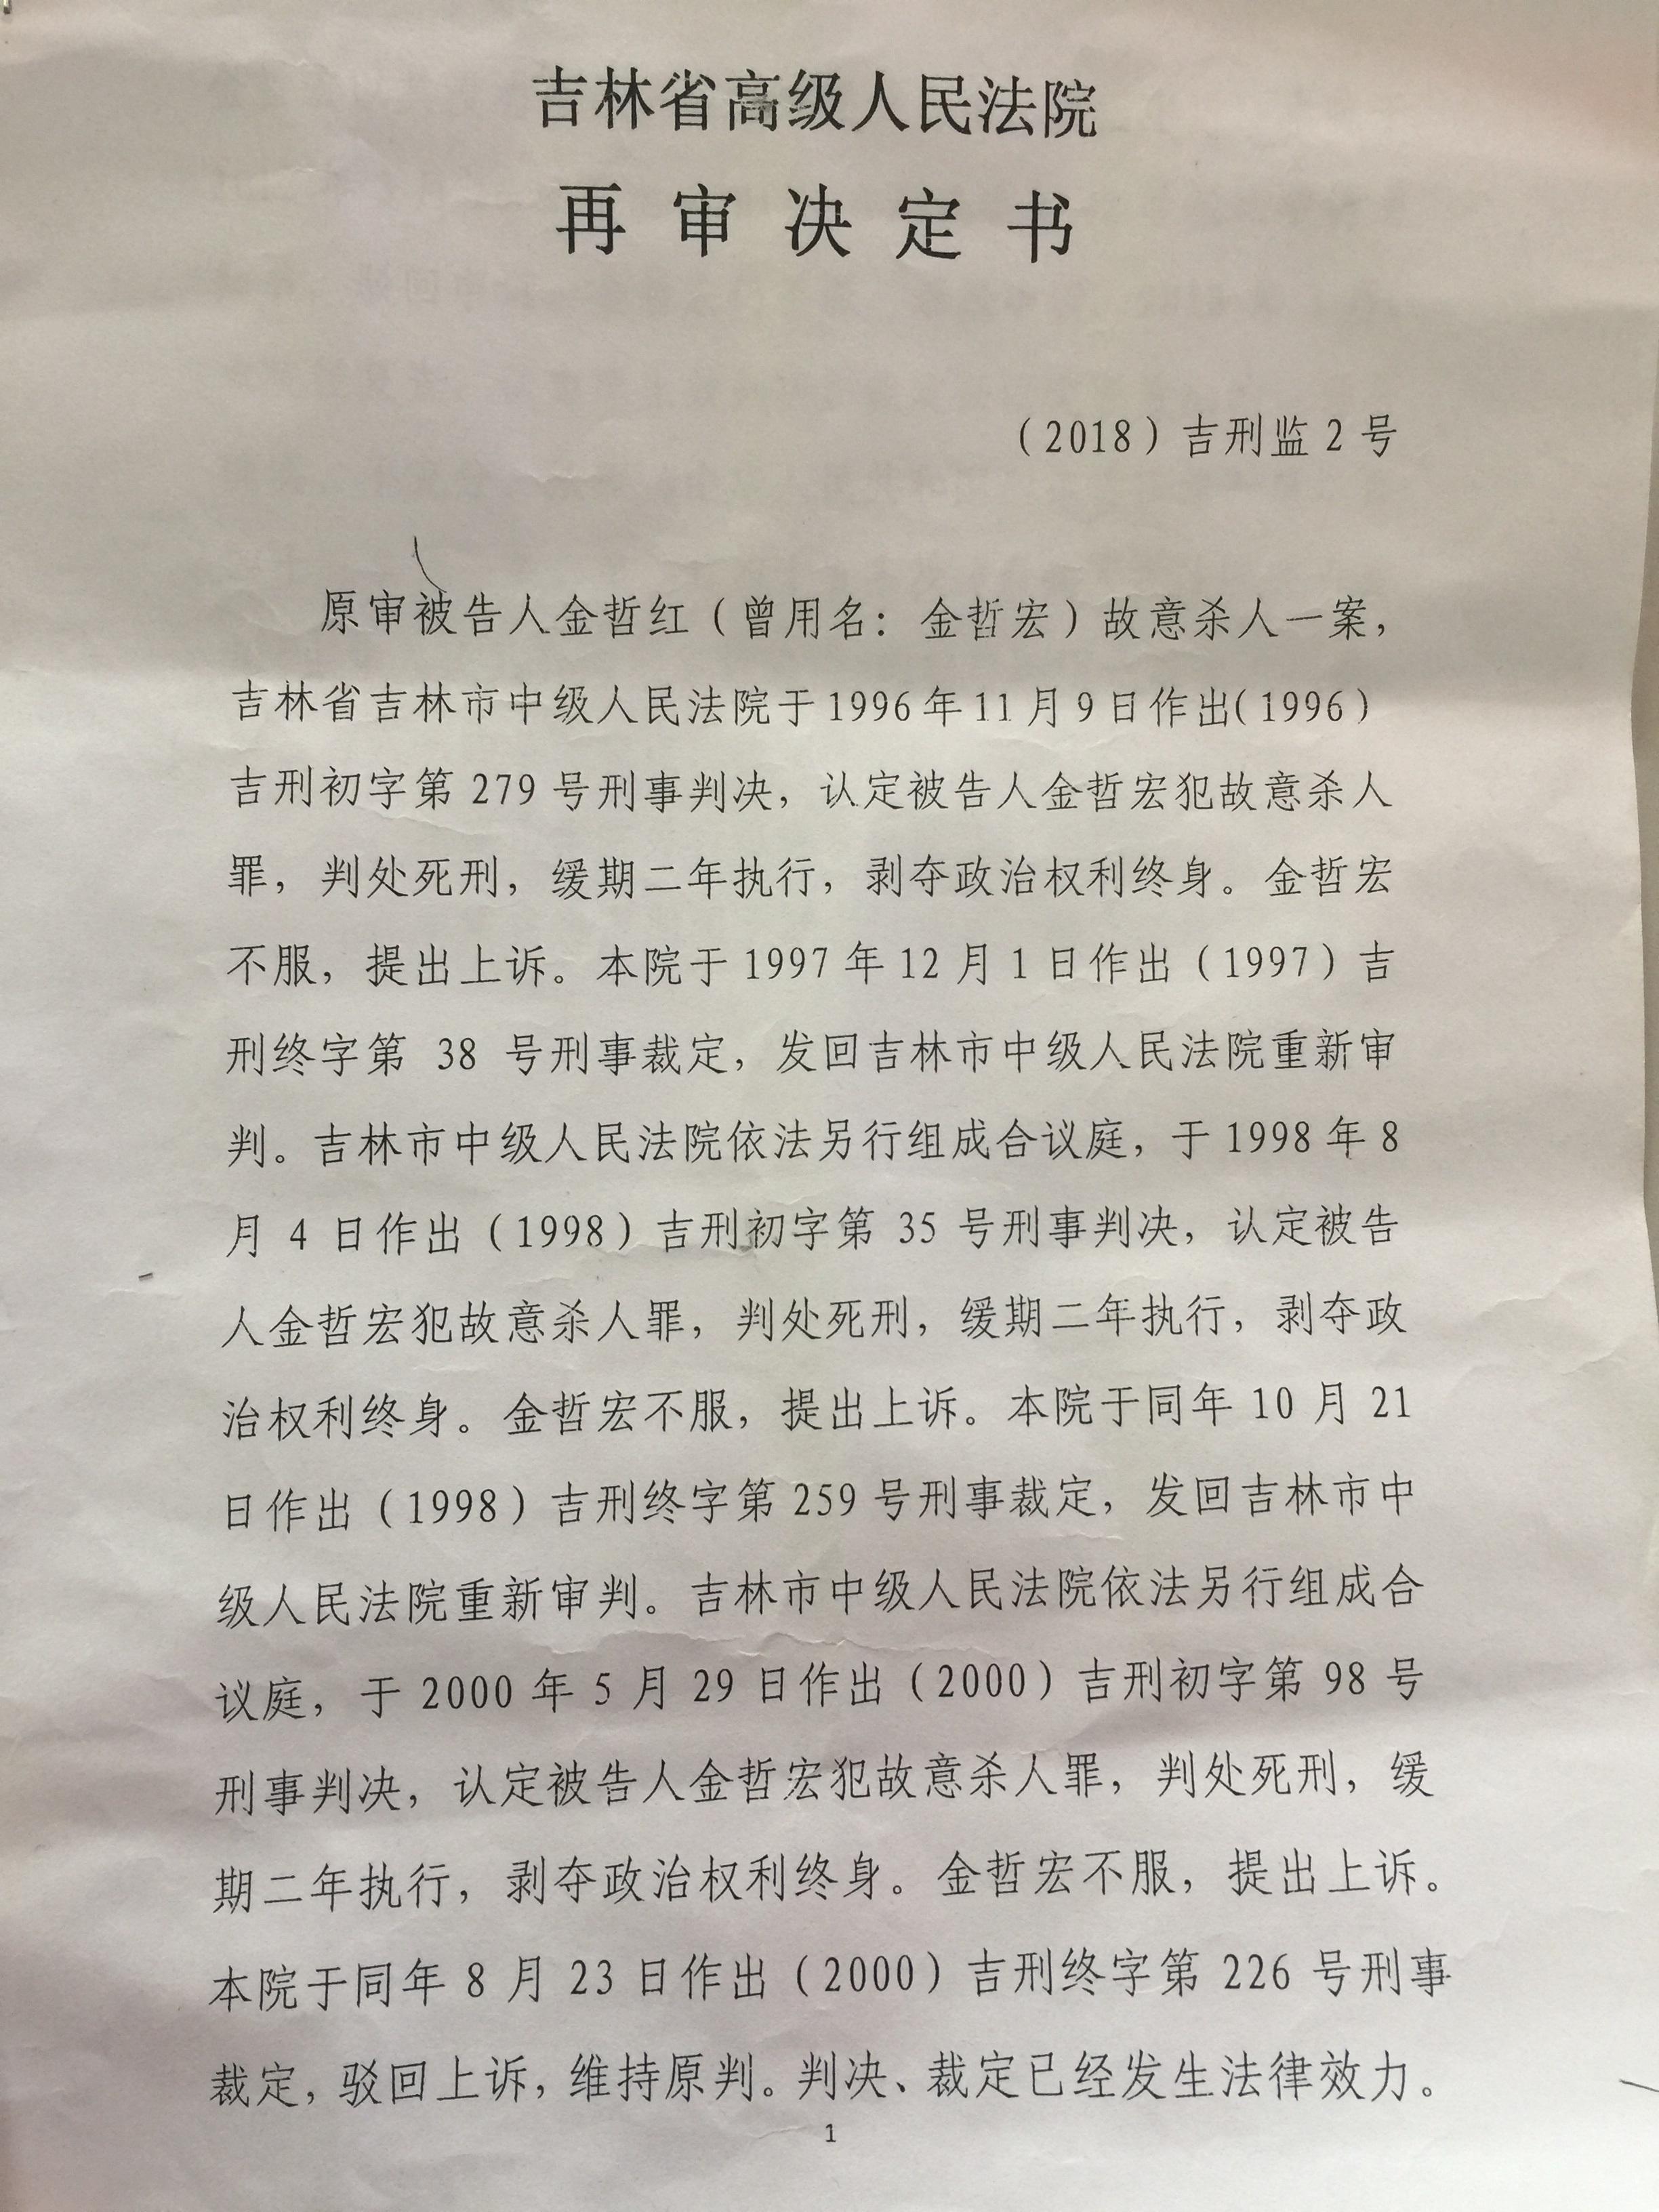 吉林金哲红杀人案再审:我怕这个身体等不到明年